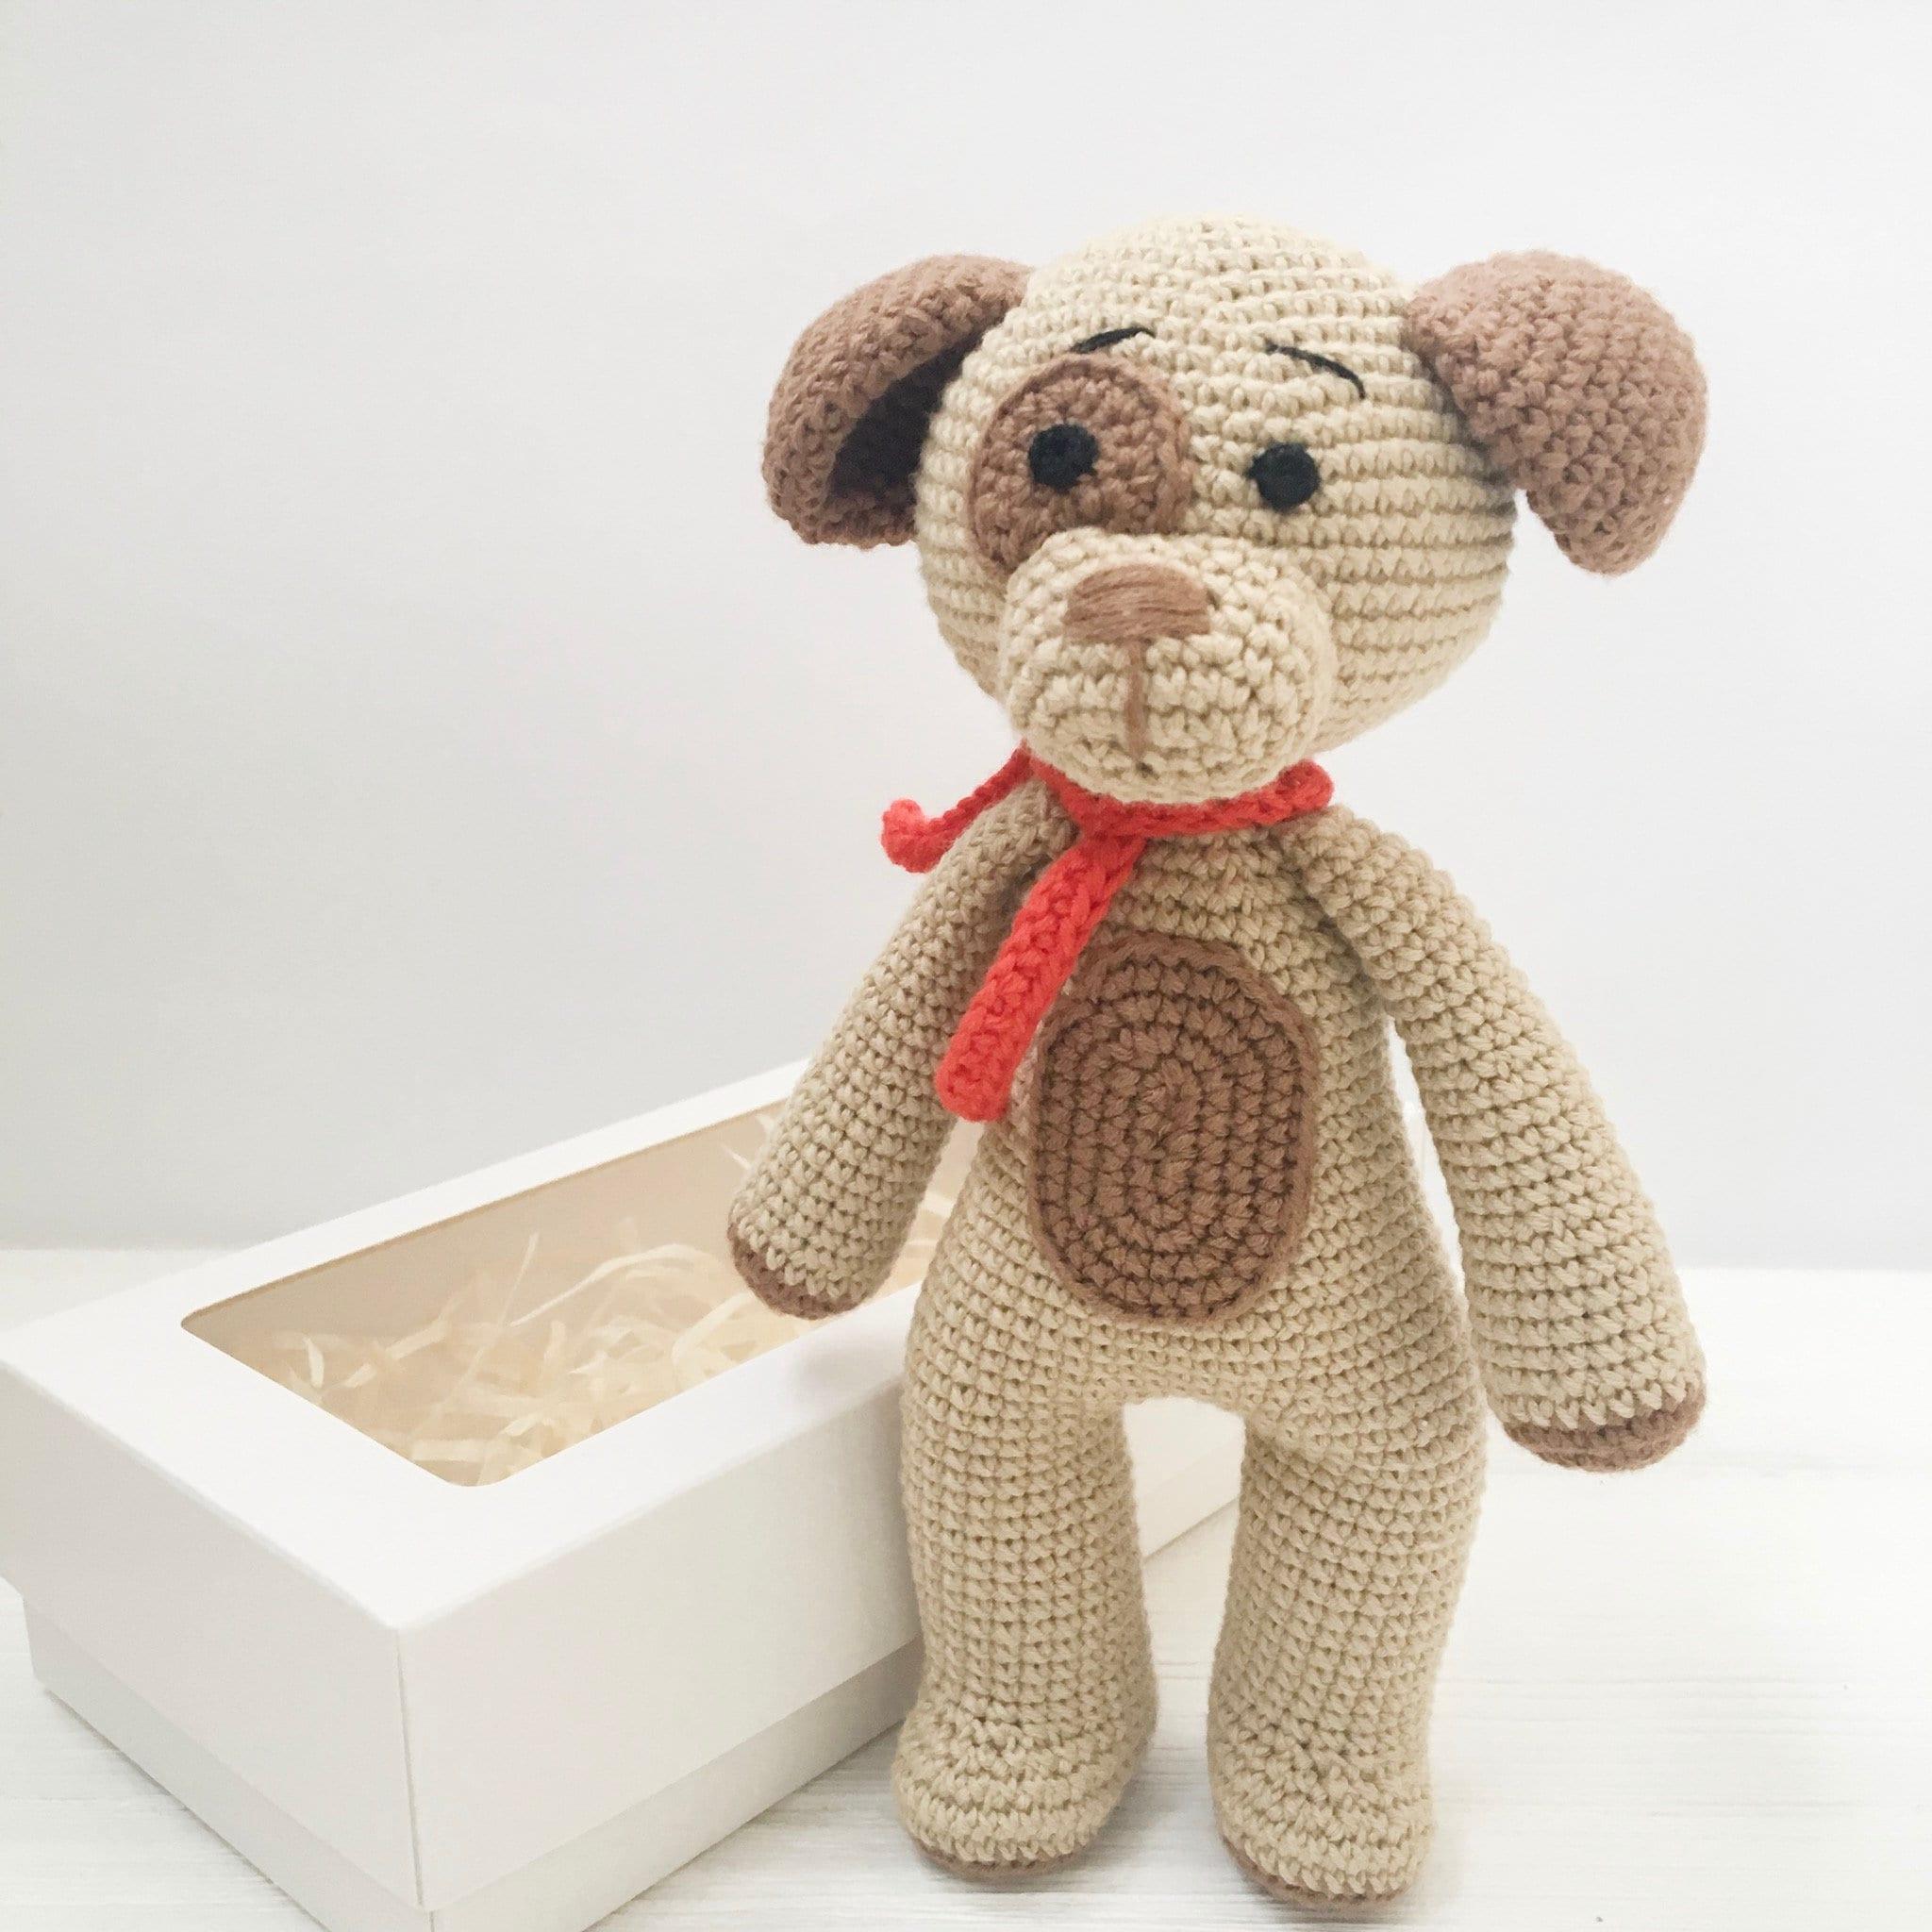 Amigurumi sweet dog pattern | Amiguroom Toys | 2048x2048